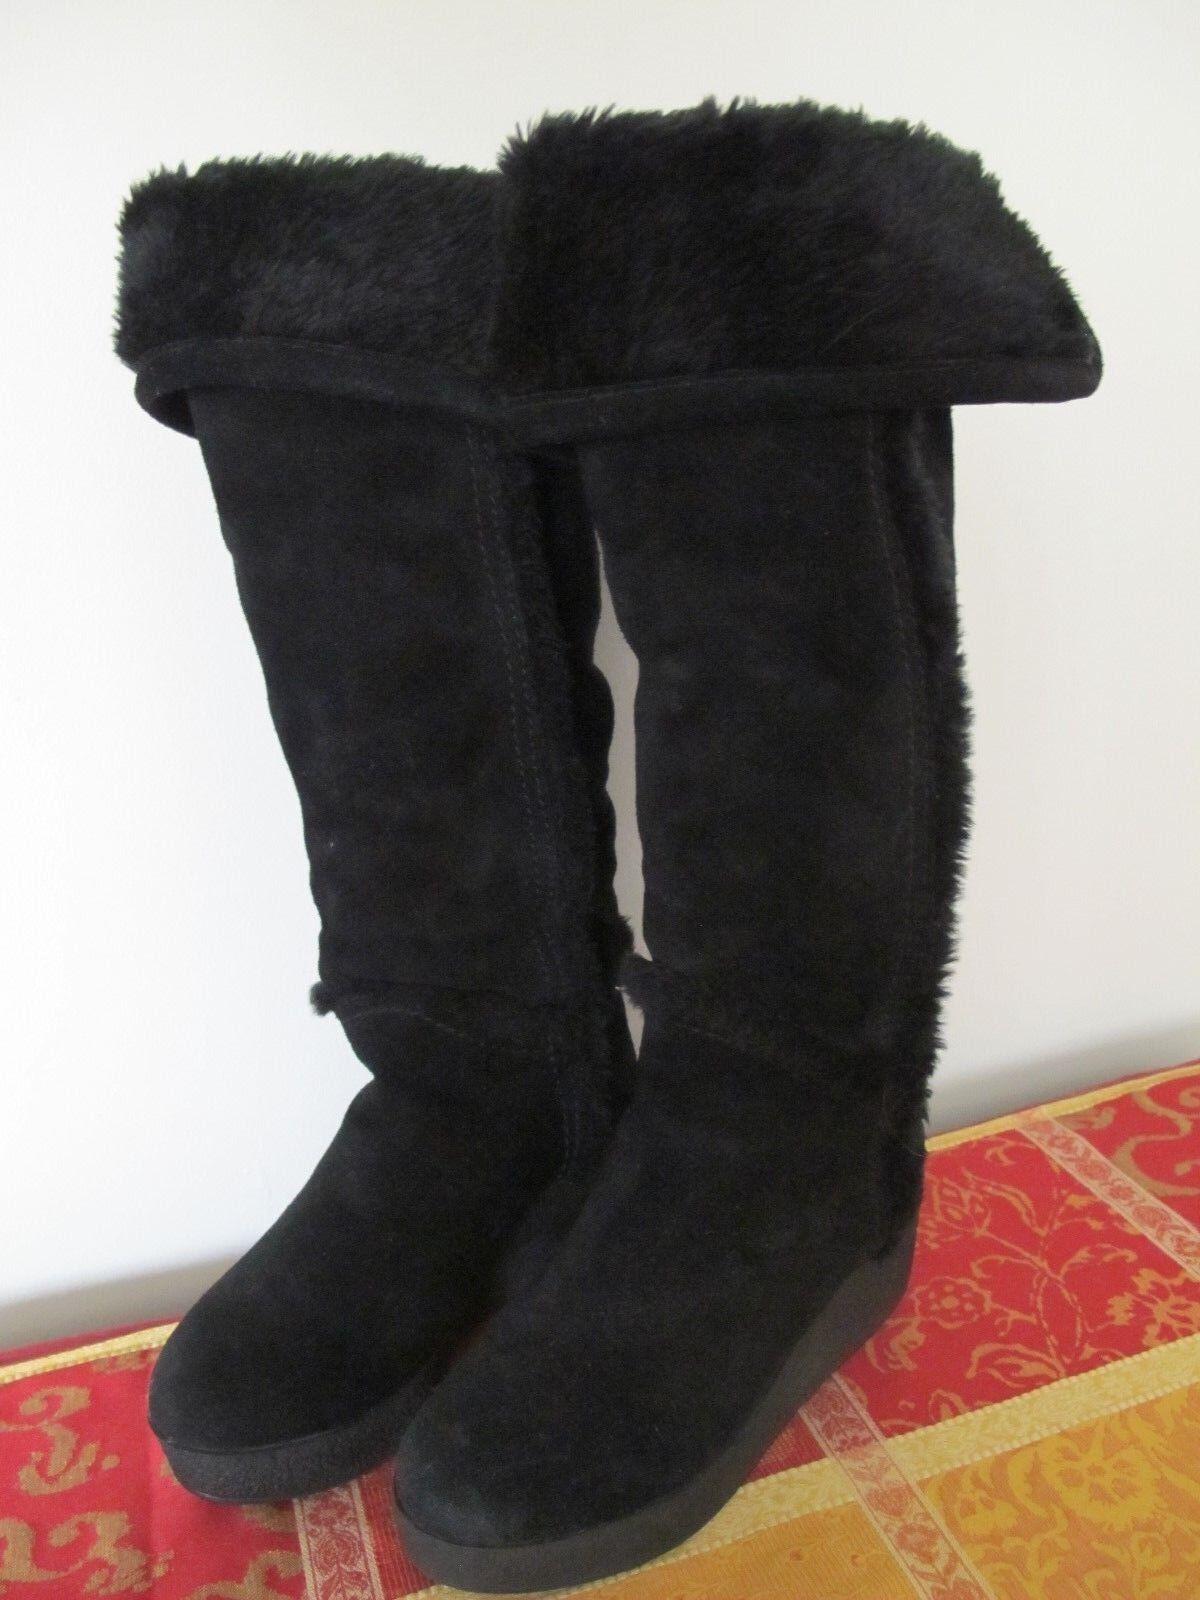 Bcbg Max Azria para mujer botas Invierno De Gamuza Negra pre propiedad